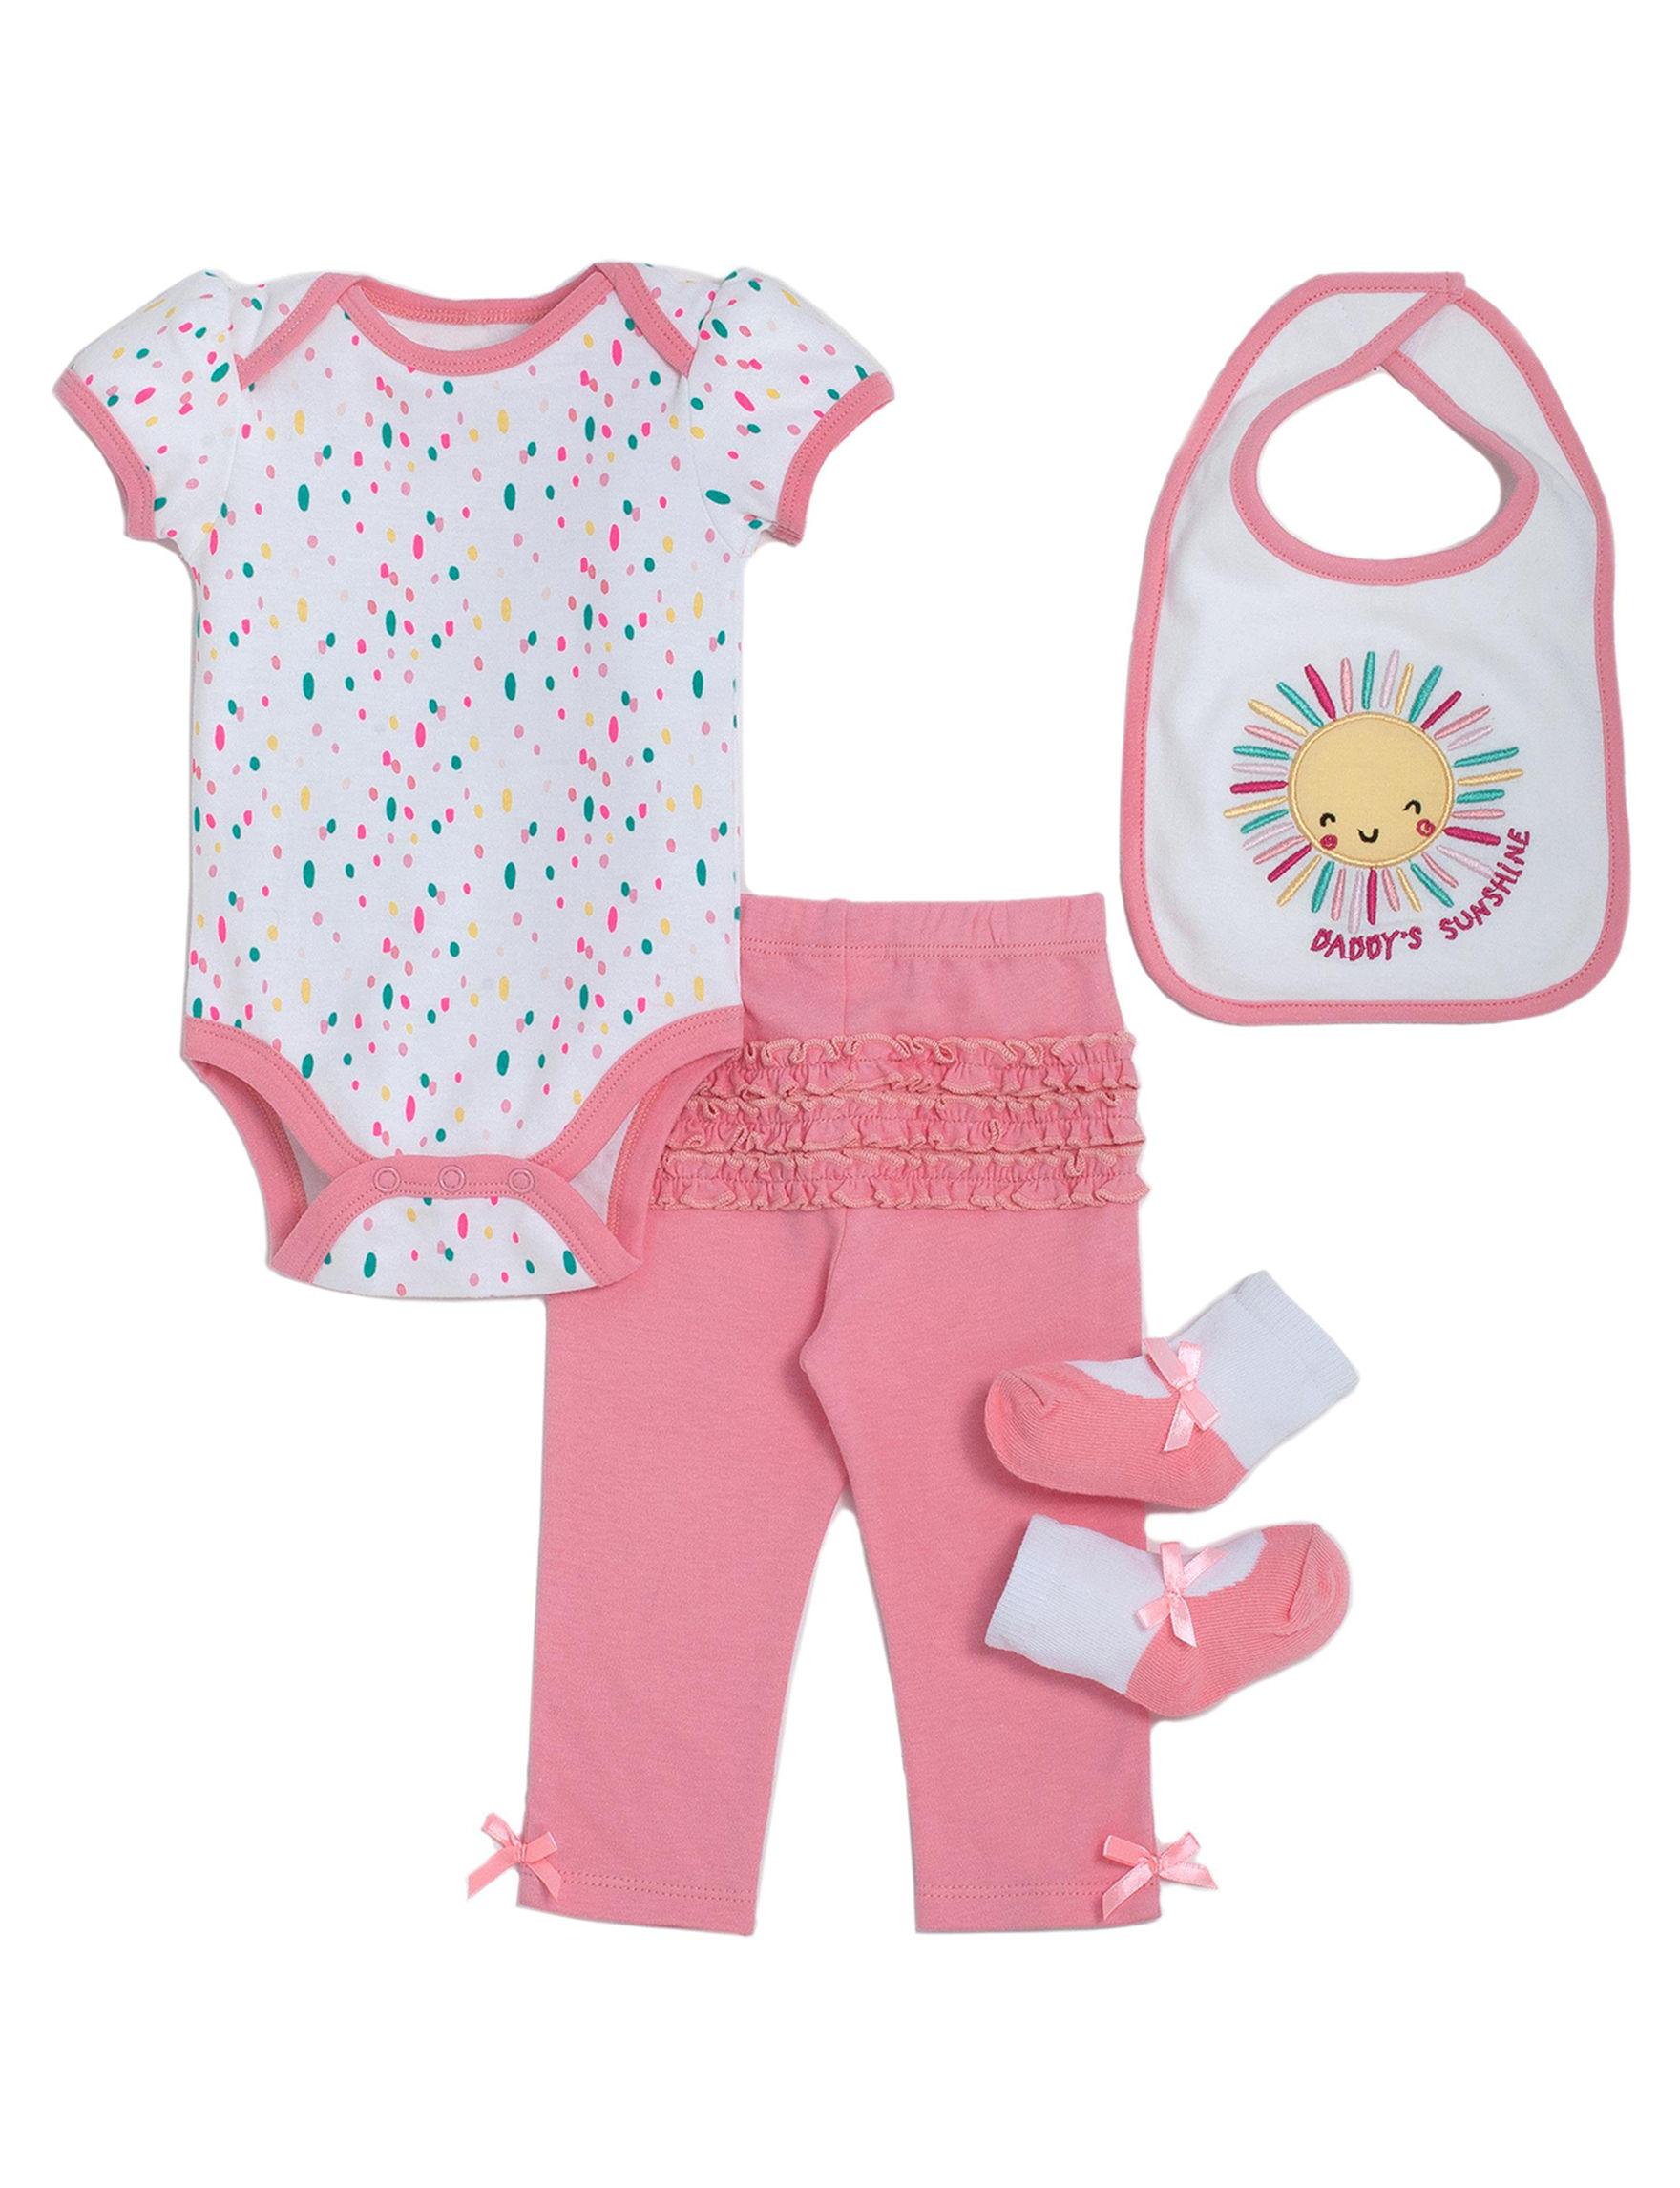 Cutie Pie Pink / White